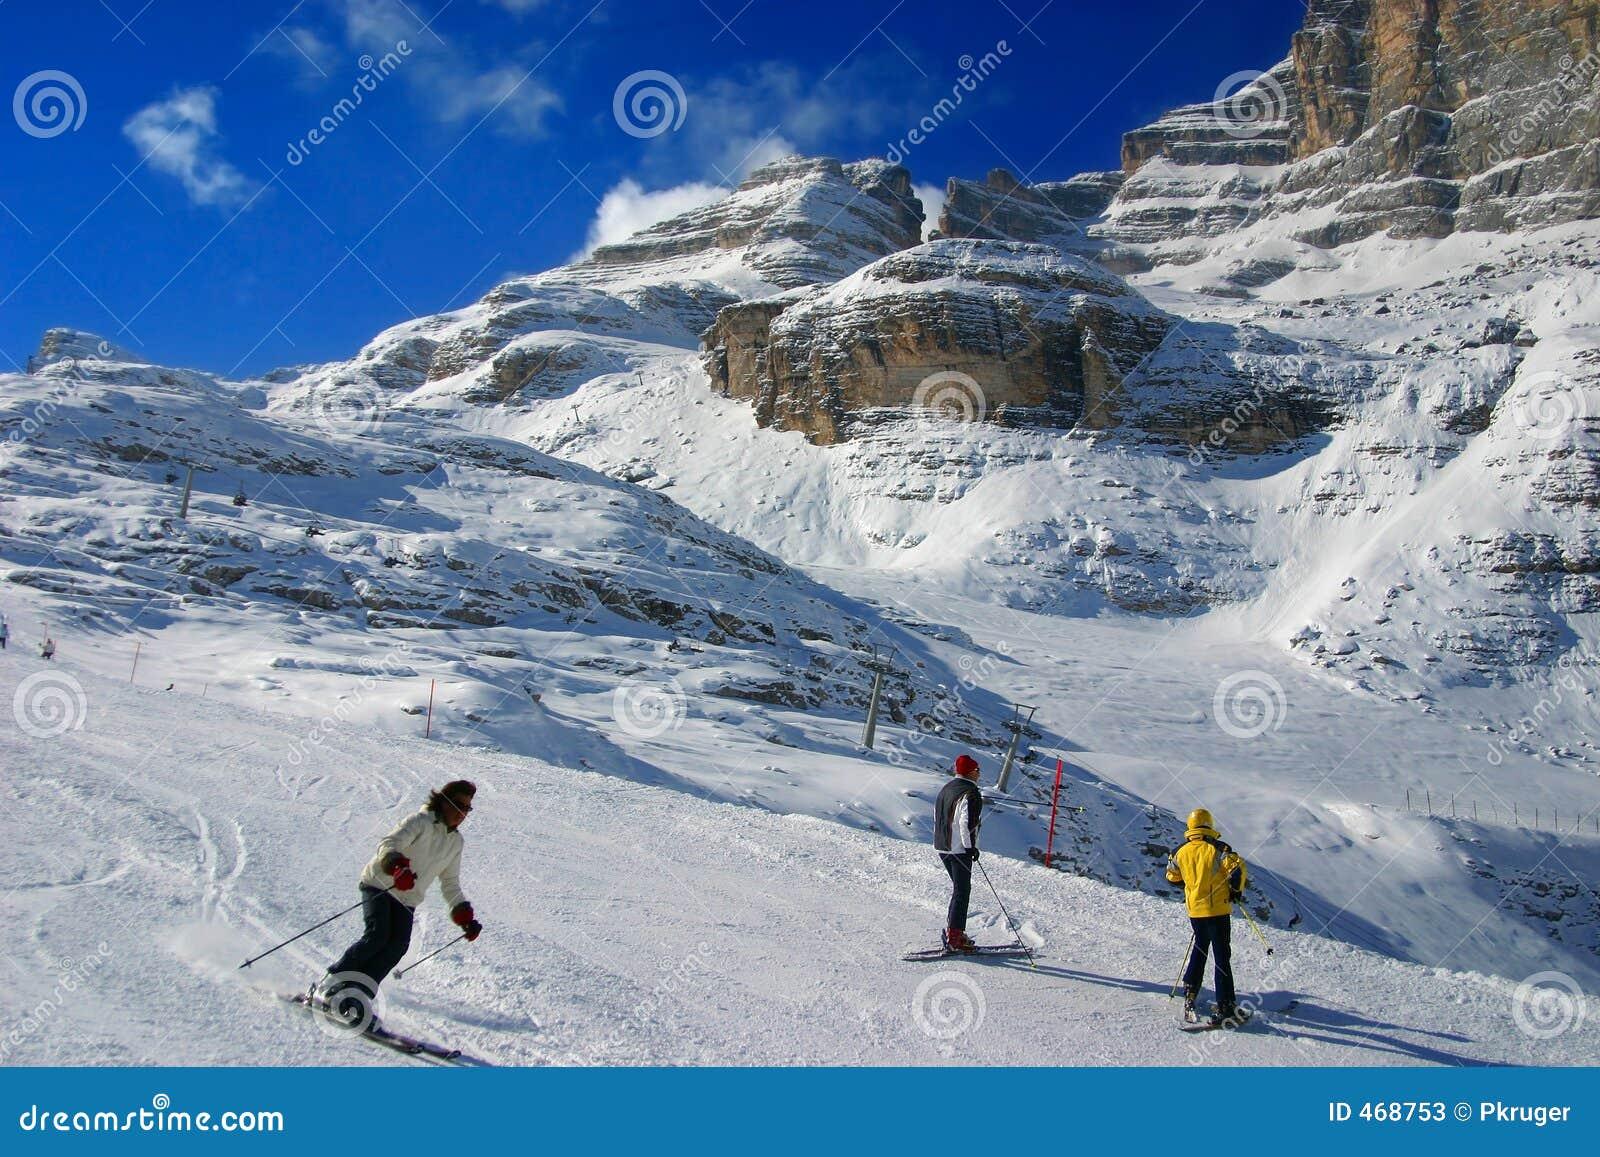 Der Skibereich